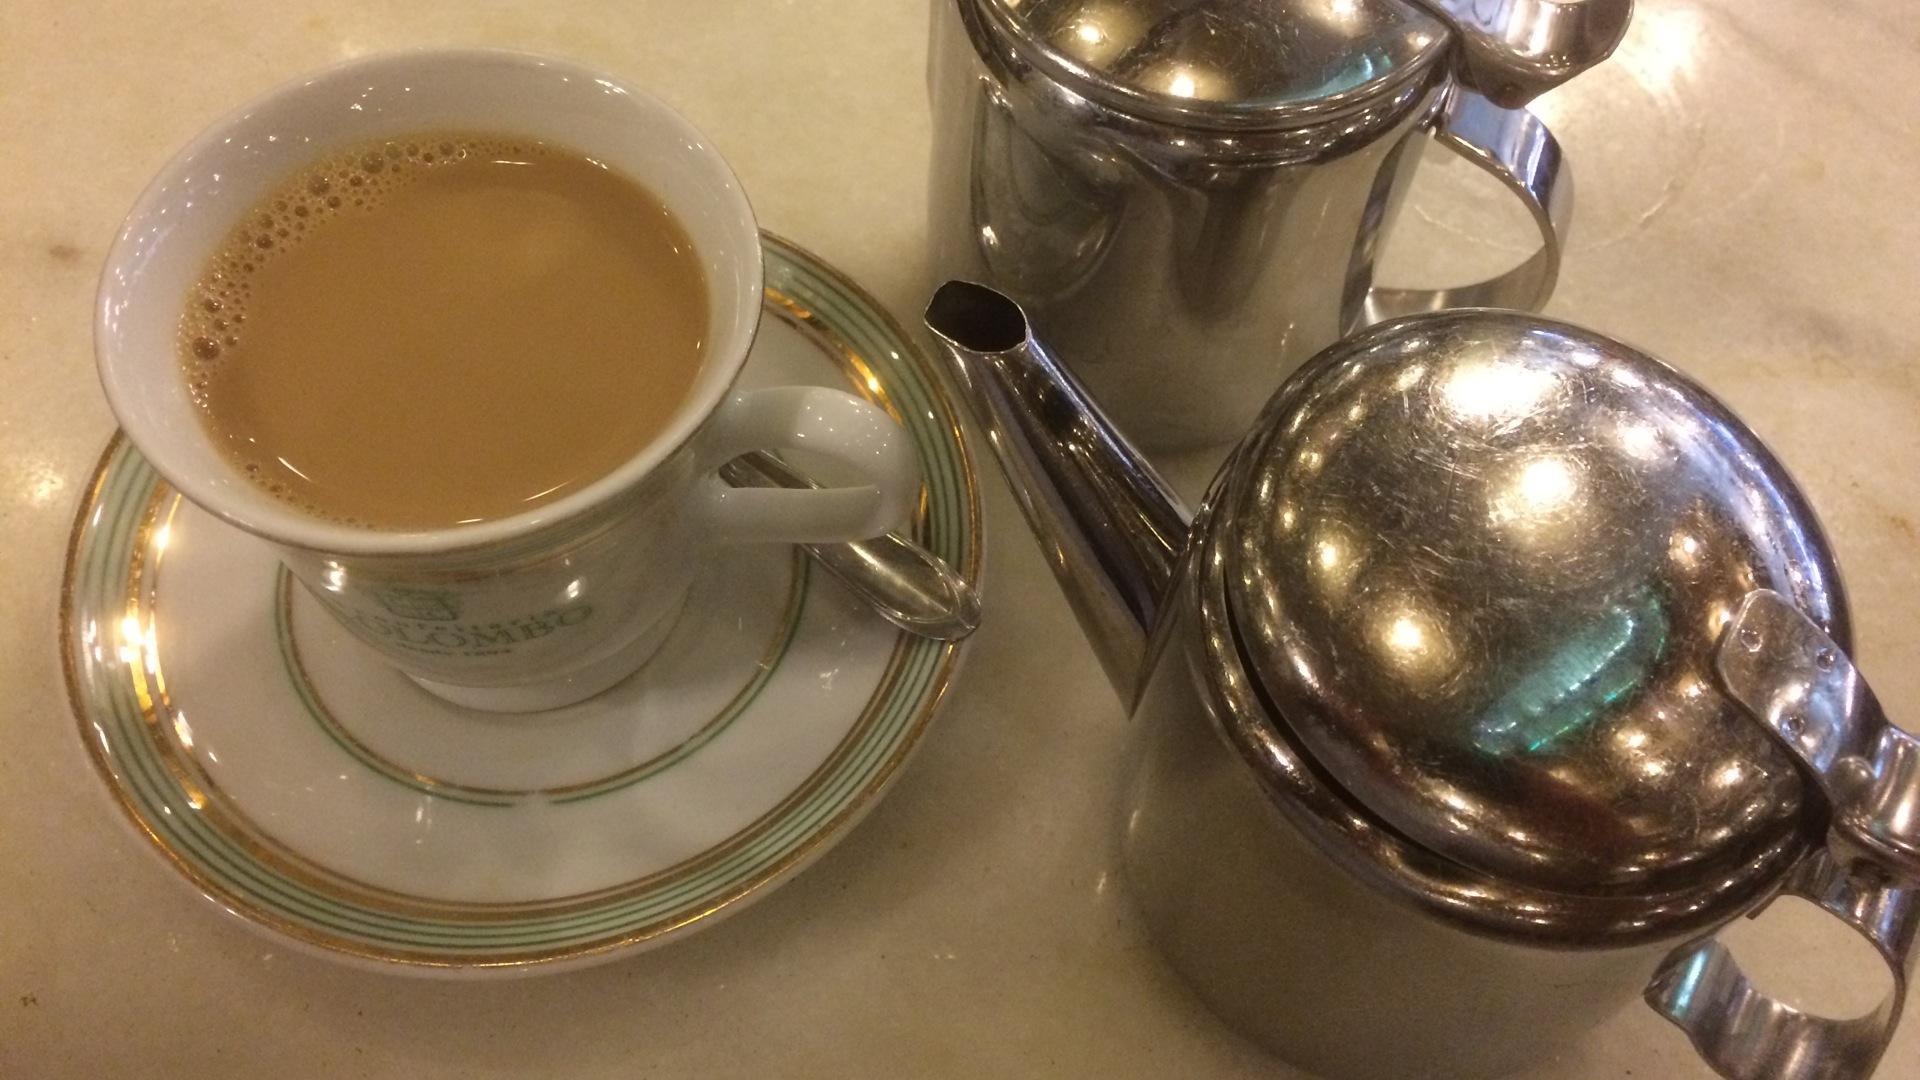 Confeteria Colombo - Kaffee mit Stil für weniger als 3 Euro